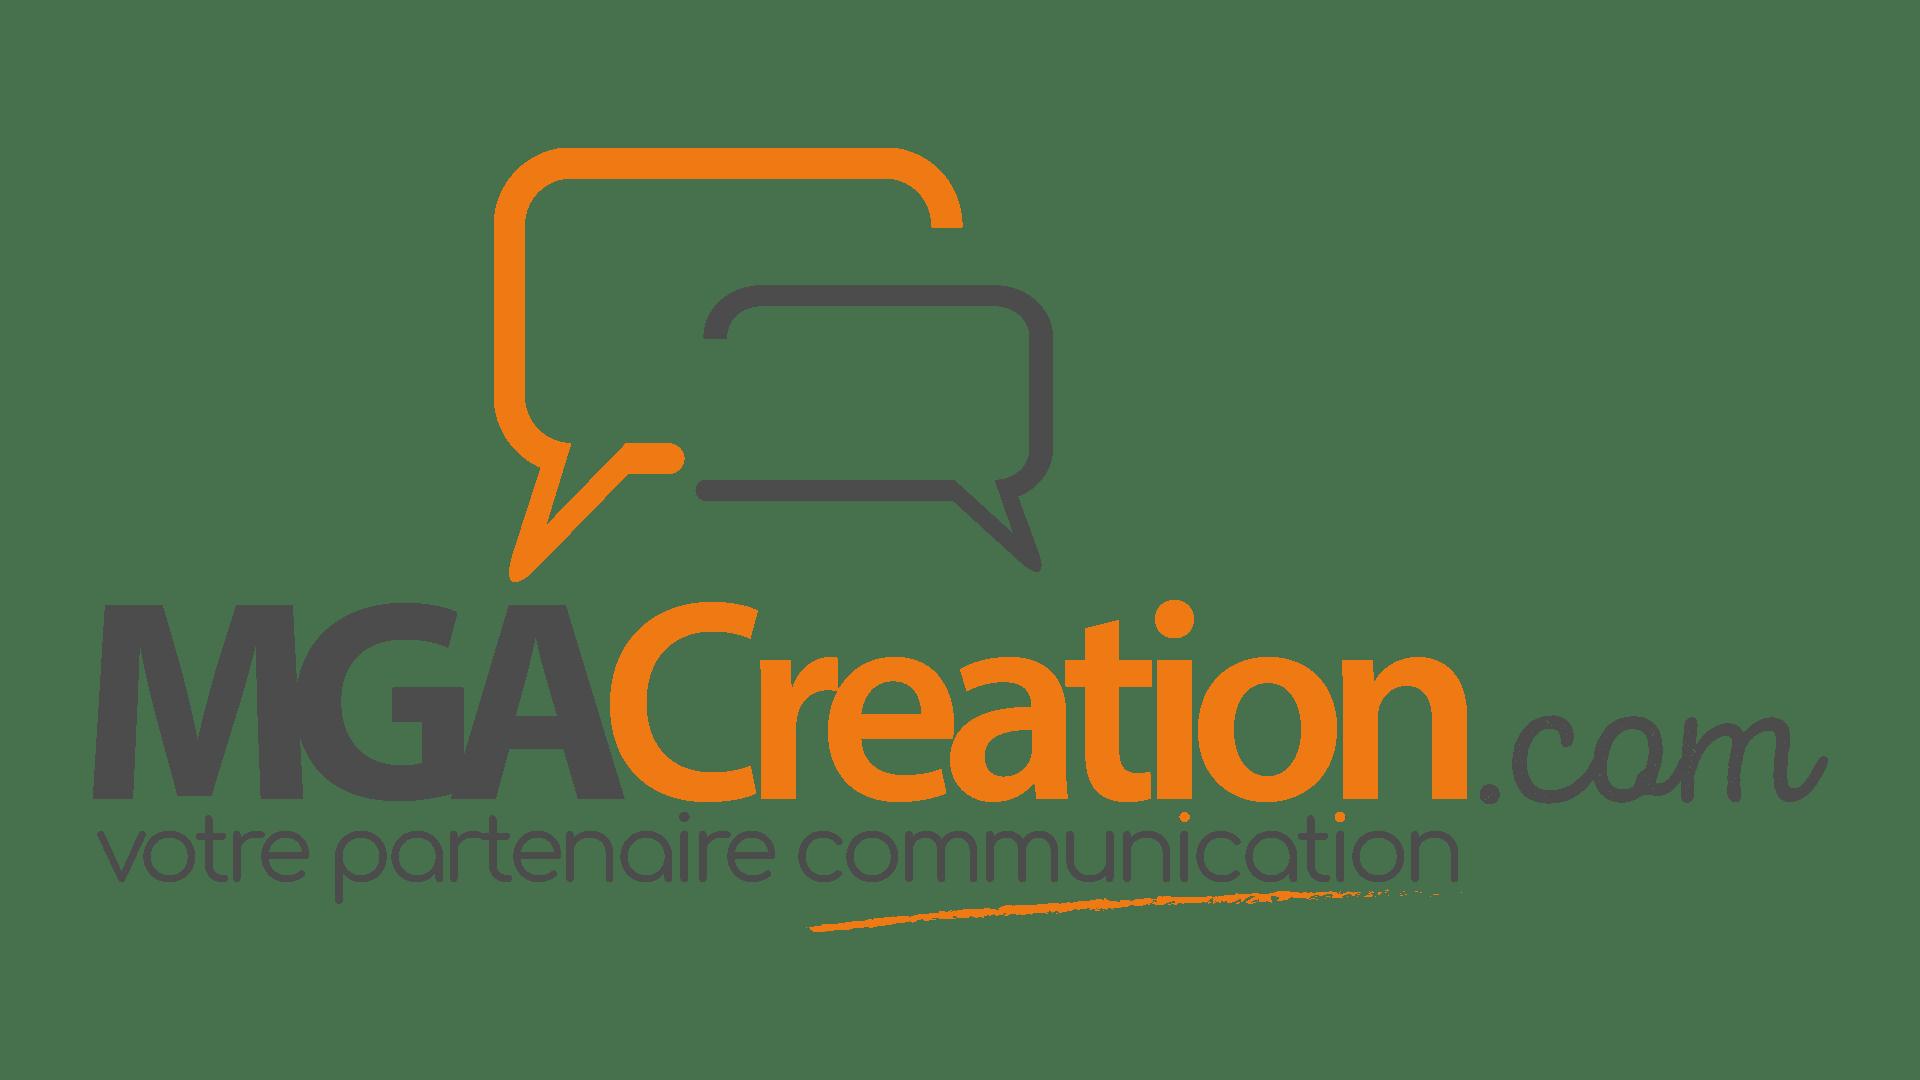 MGA Création